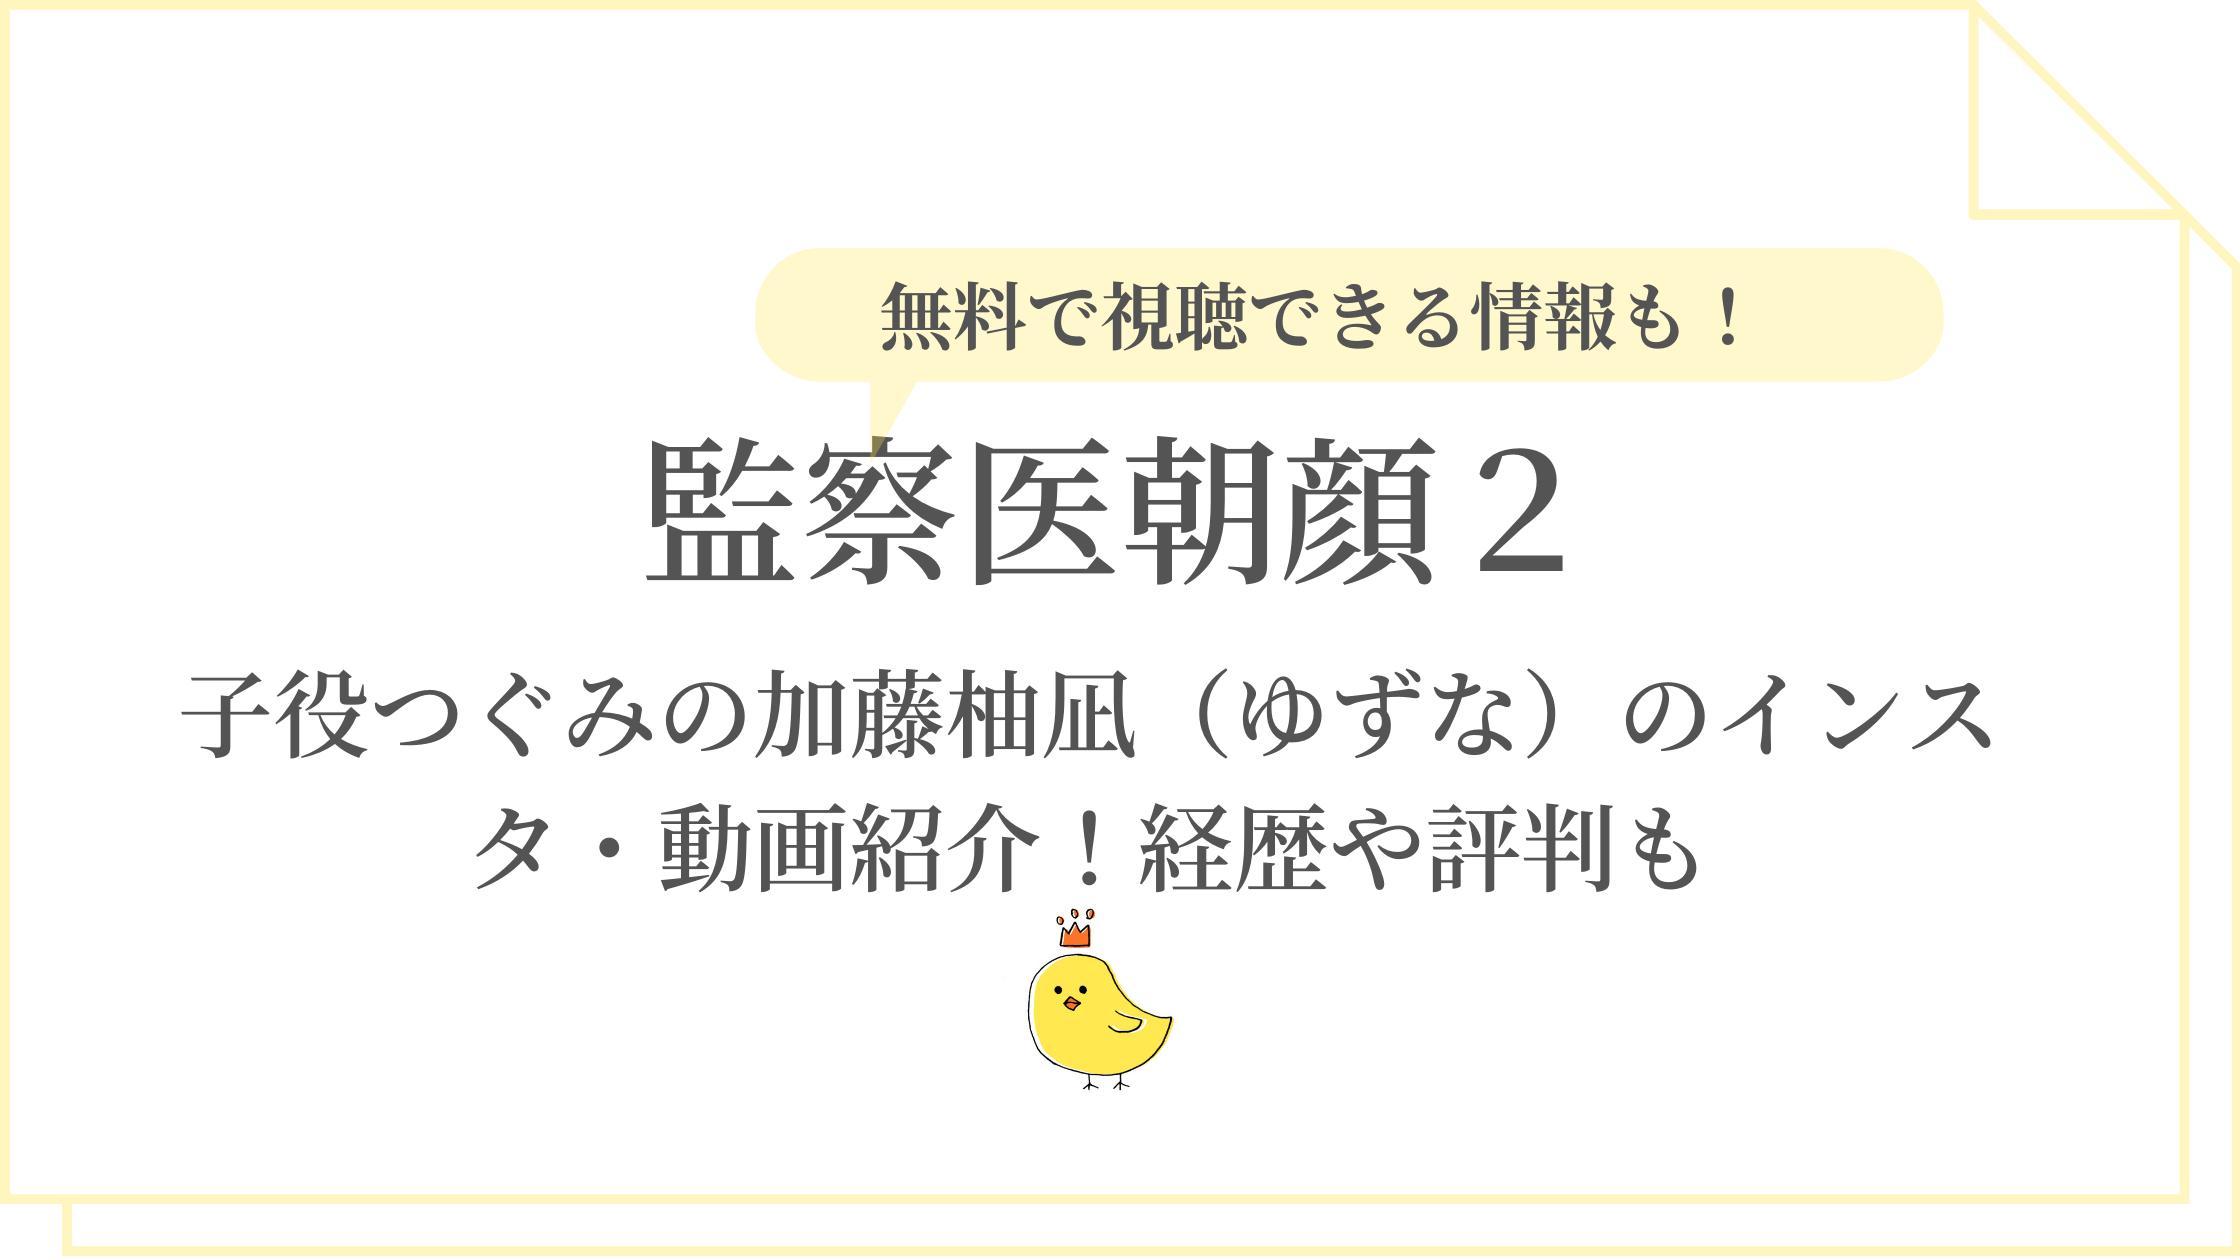 インスタ 凪 加藤 柚